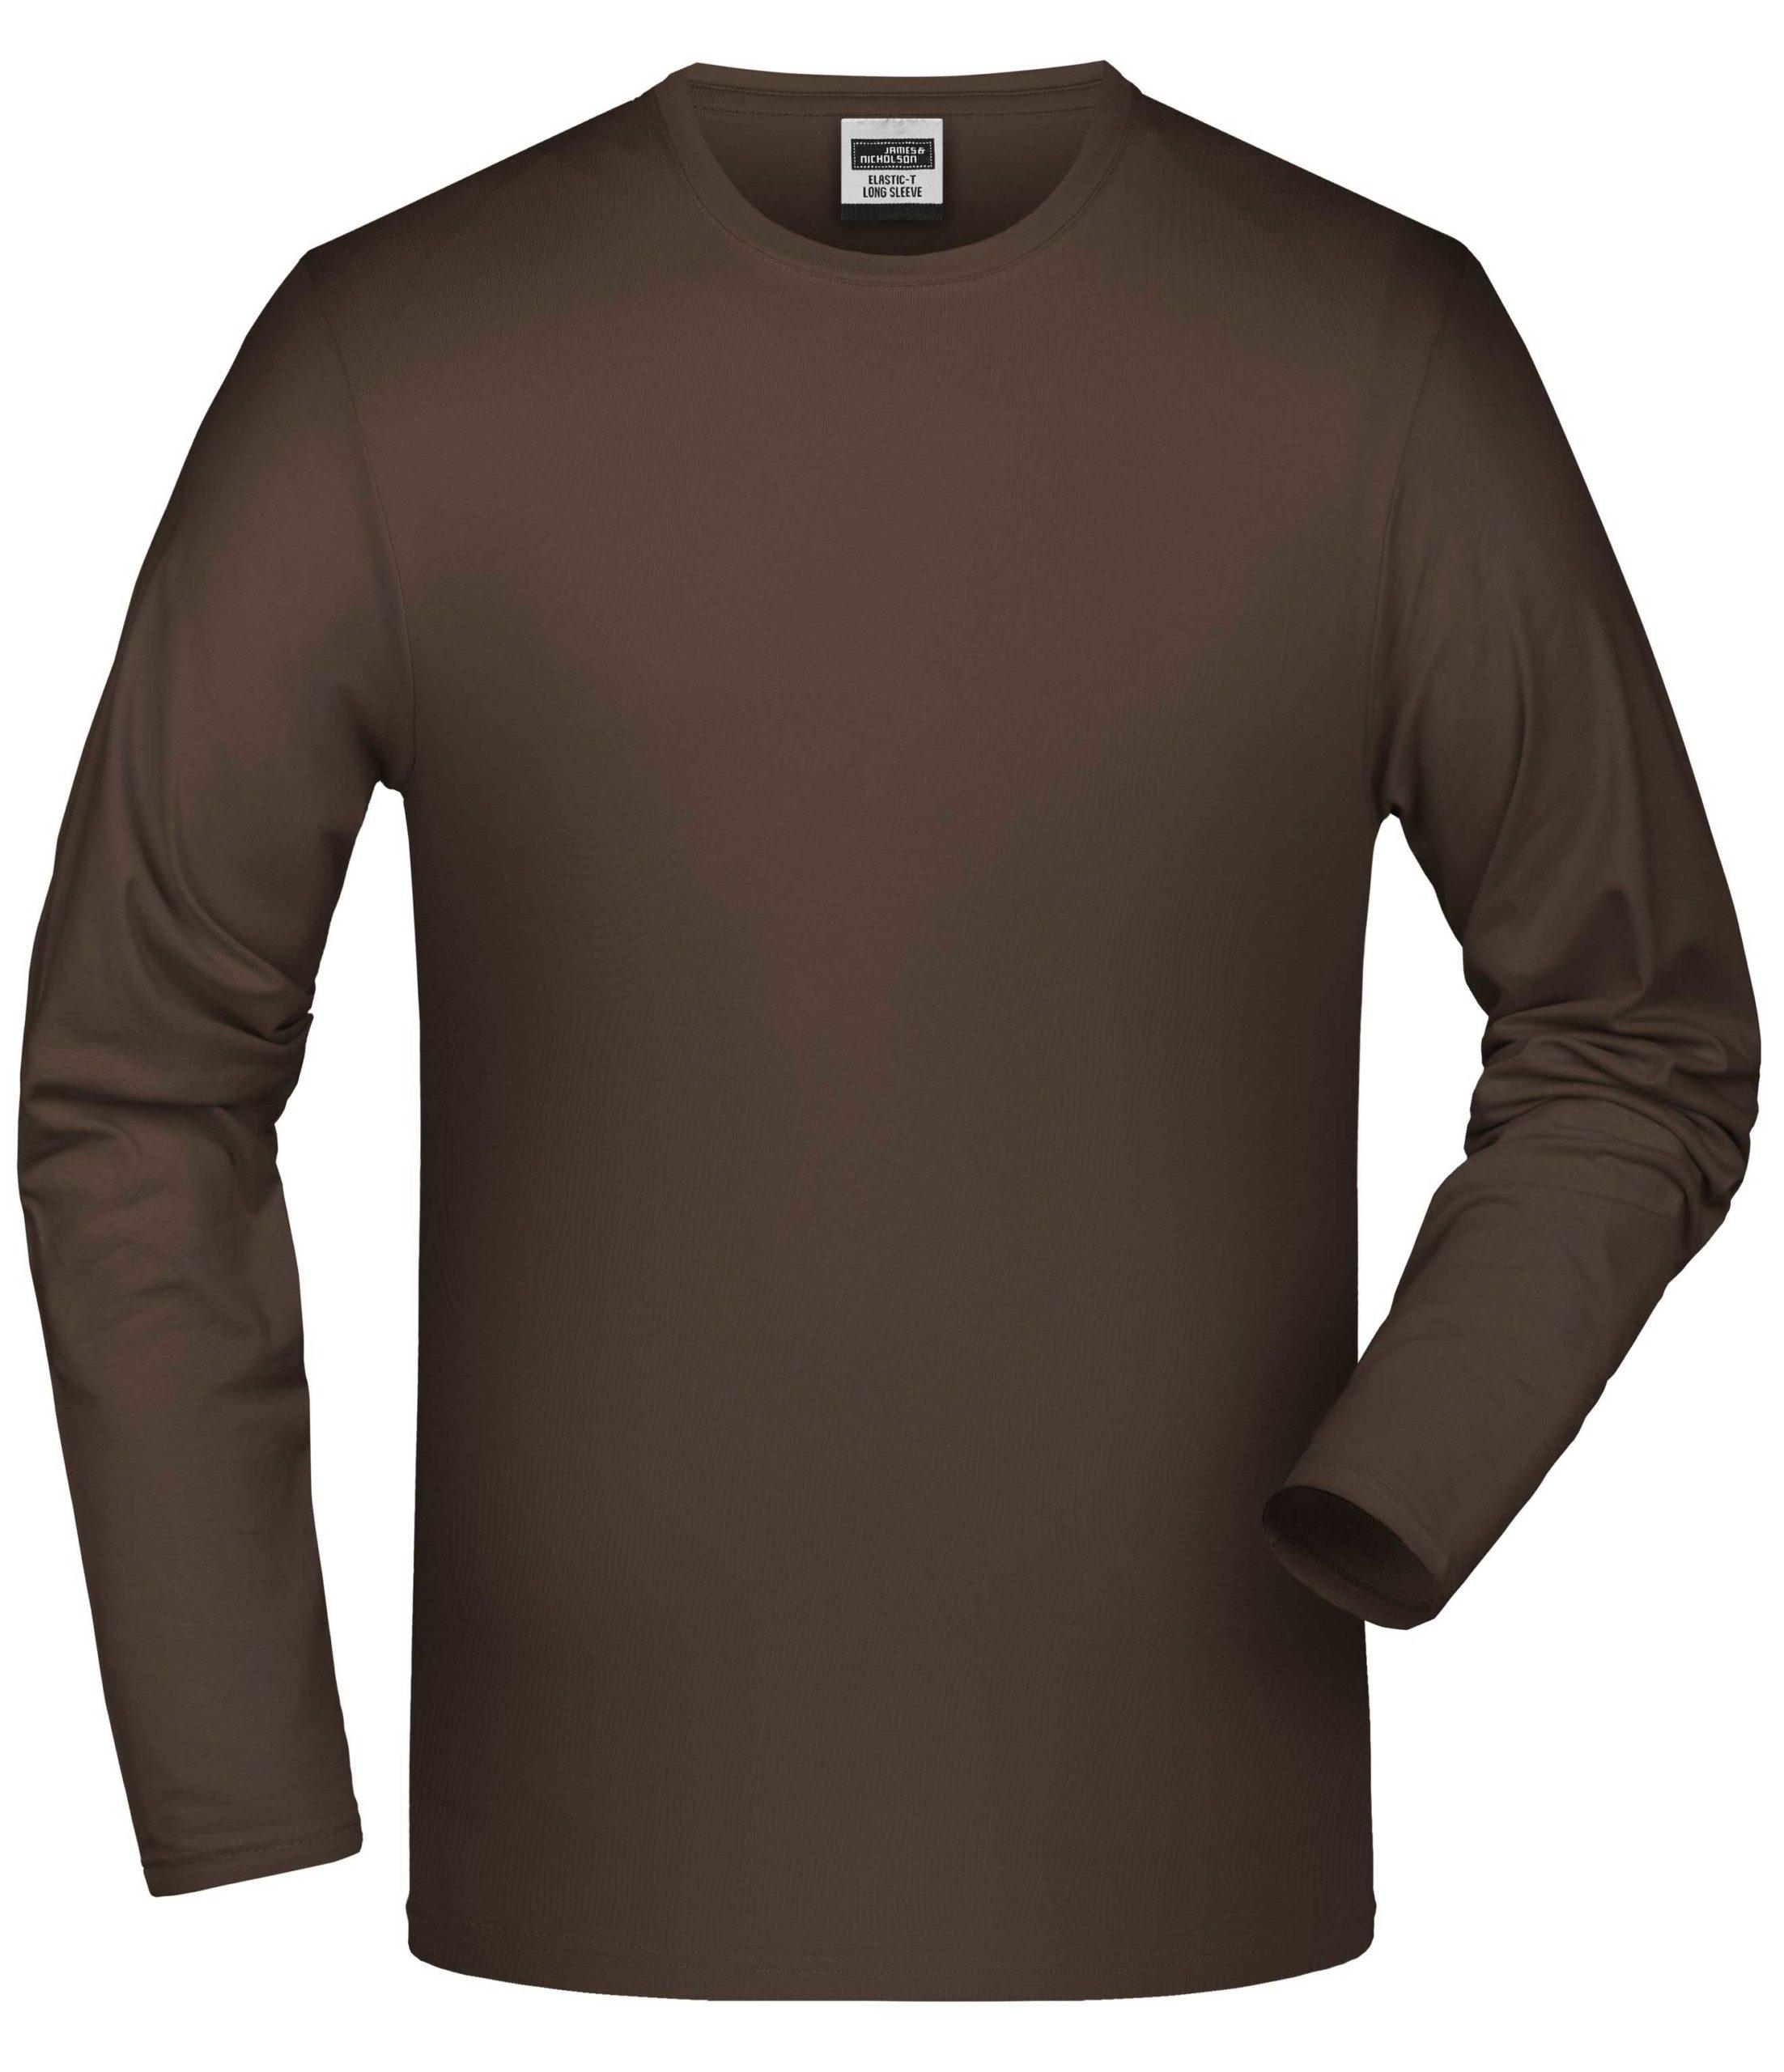 Elastic-T Long-Sleeved James & Nicholson JN056 - brown